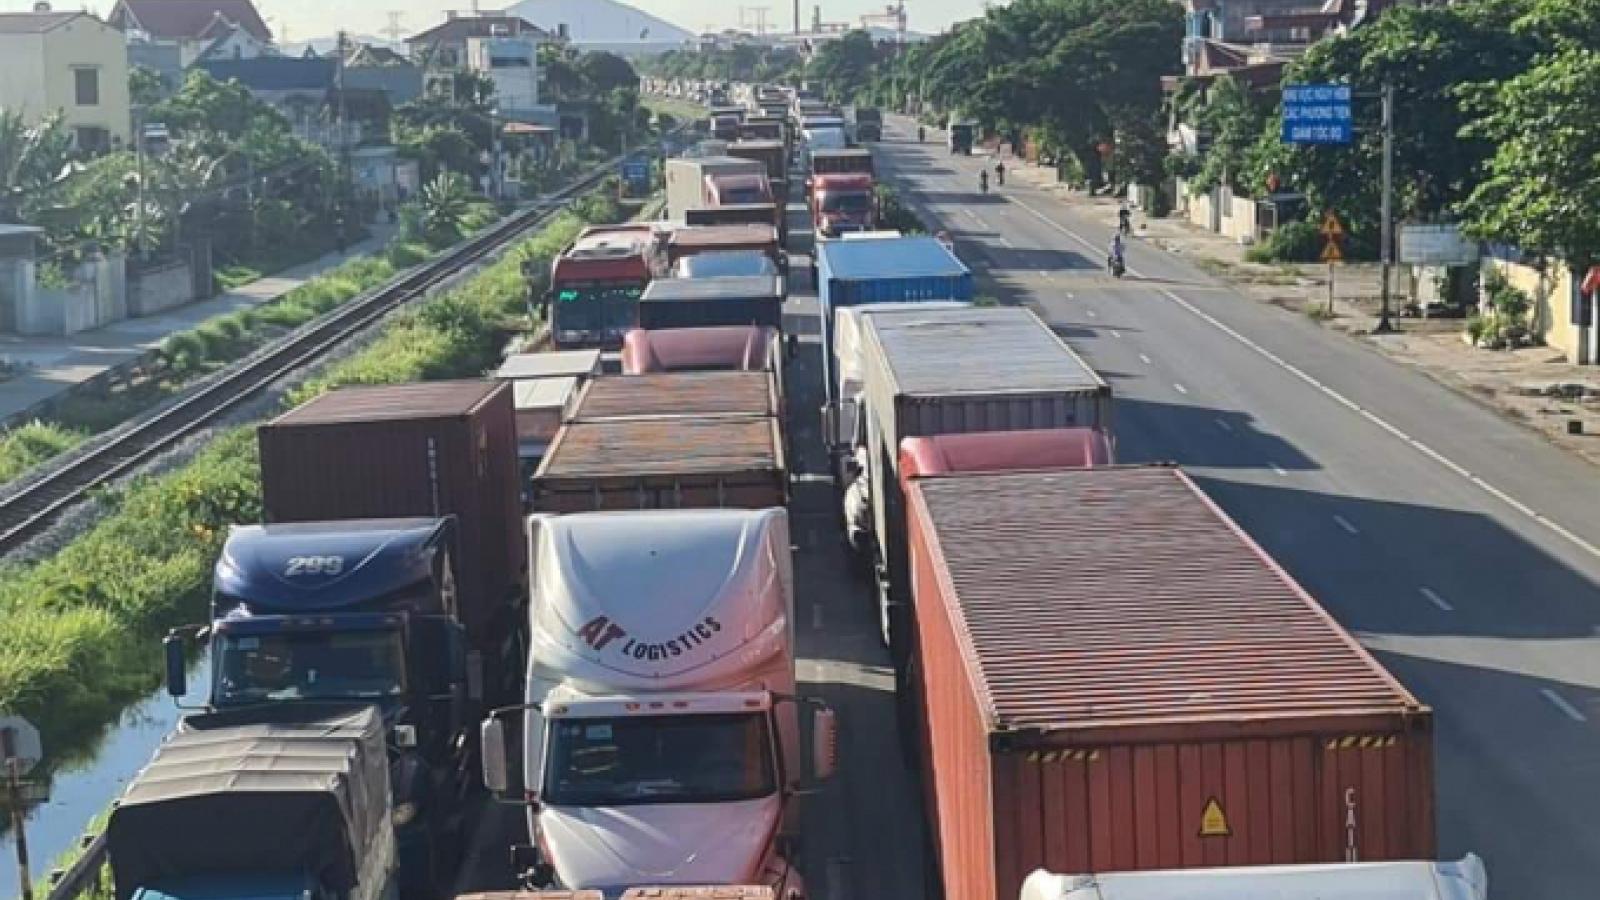 Lái xe chở hàng phải đợi 8-10h để qua chốt kiểm dịch Dụ Nghĩa, Hải Phòng